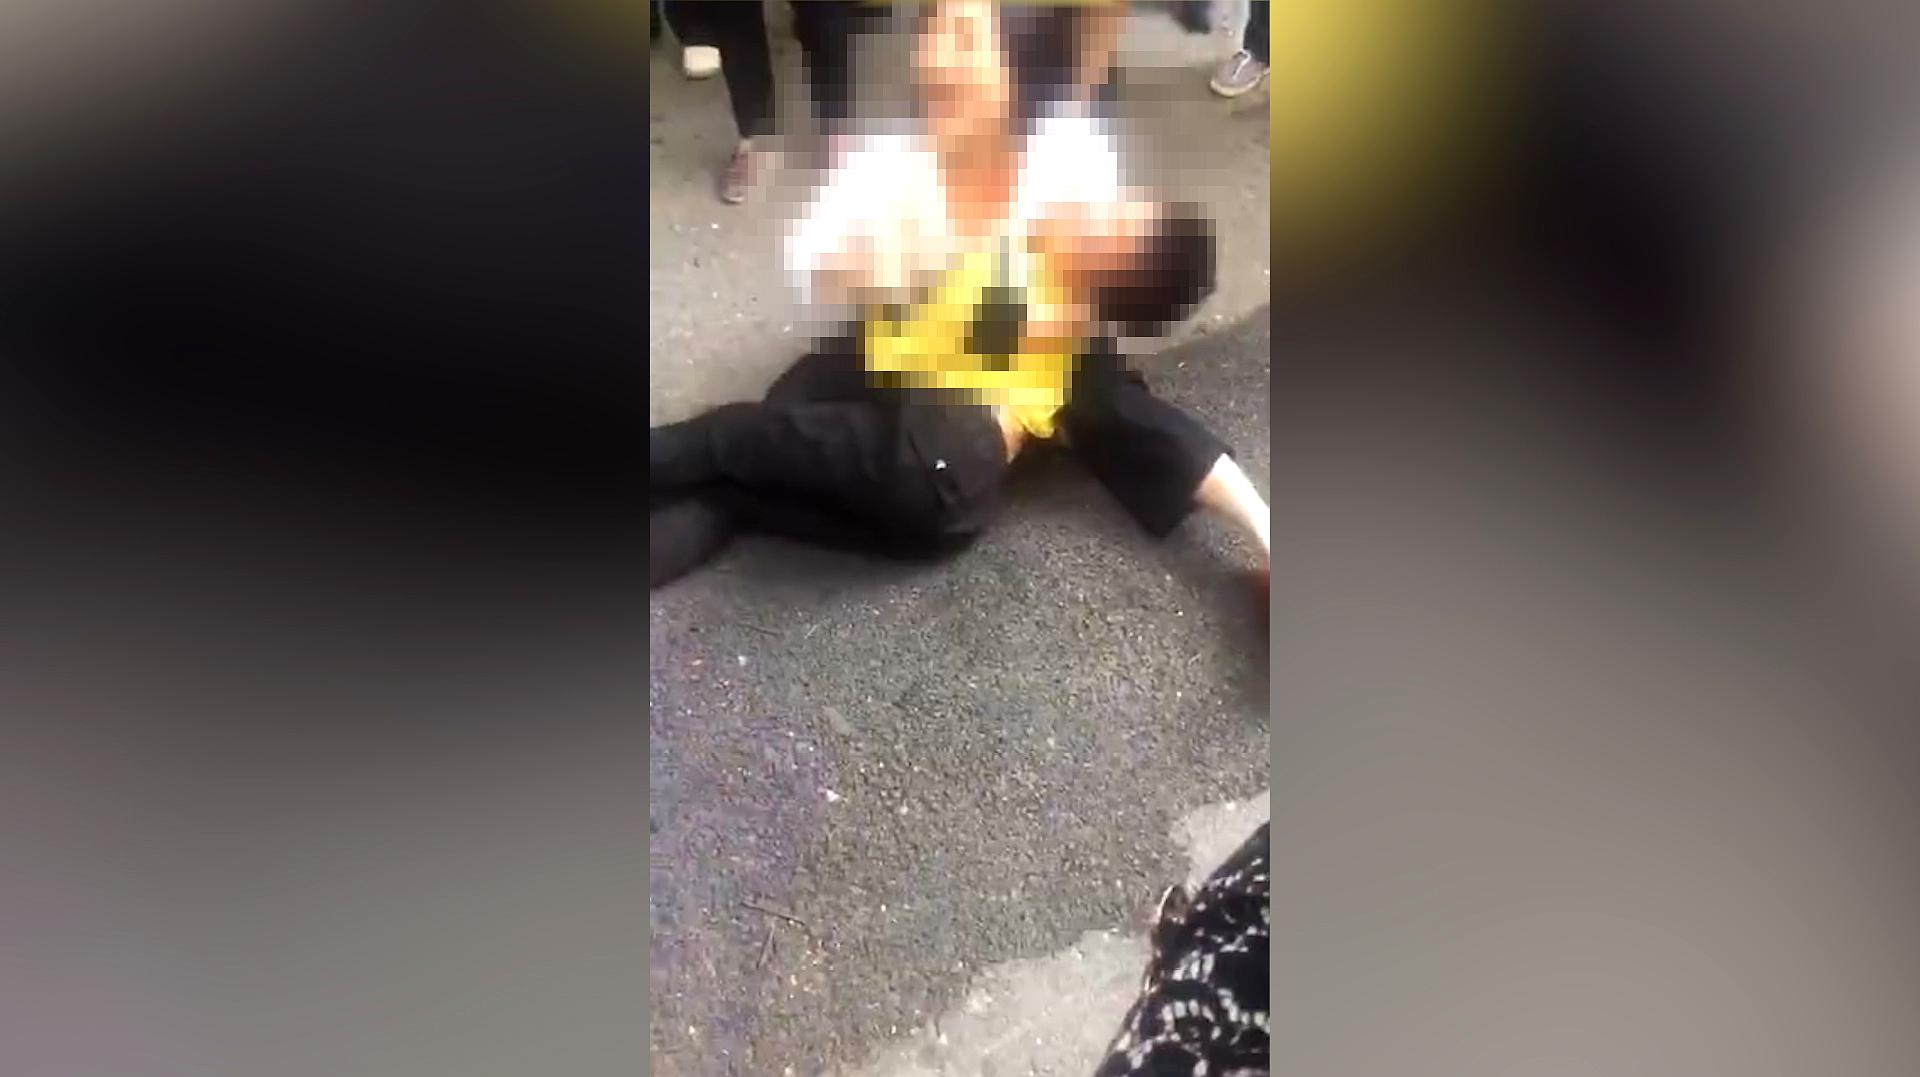 湖南长沙9岁男孩小区内遇害 家属悲痛欲绝 当地警方已抓获行凶者